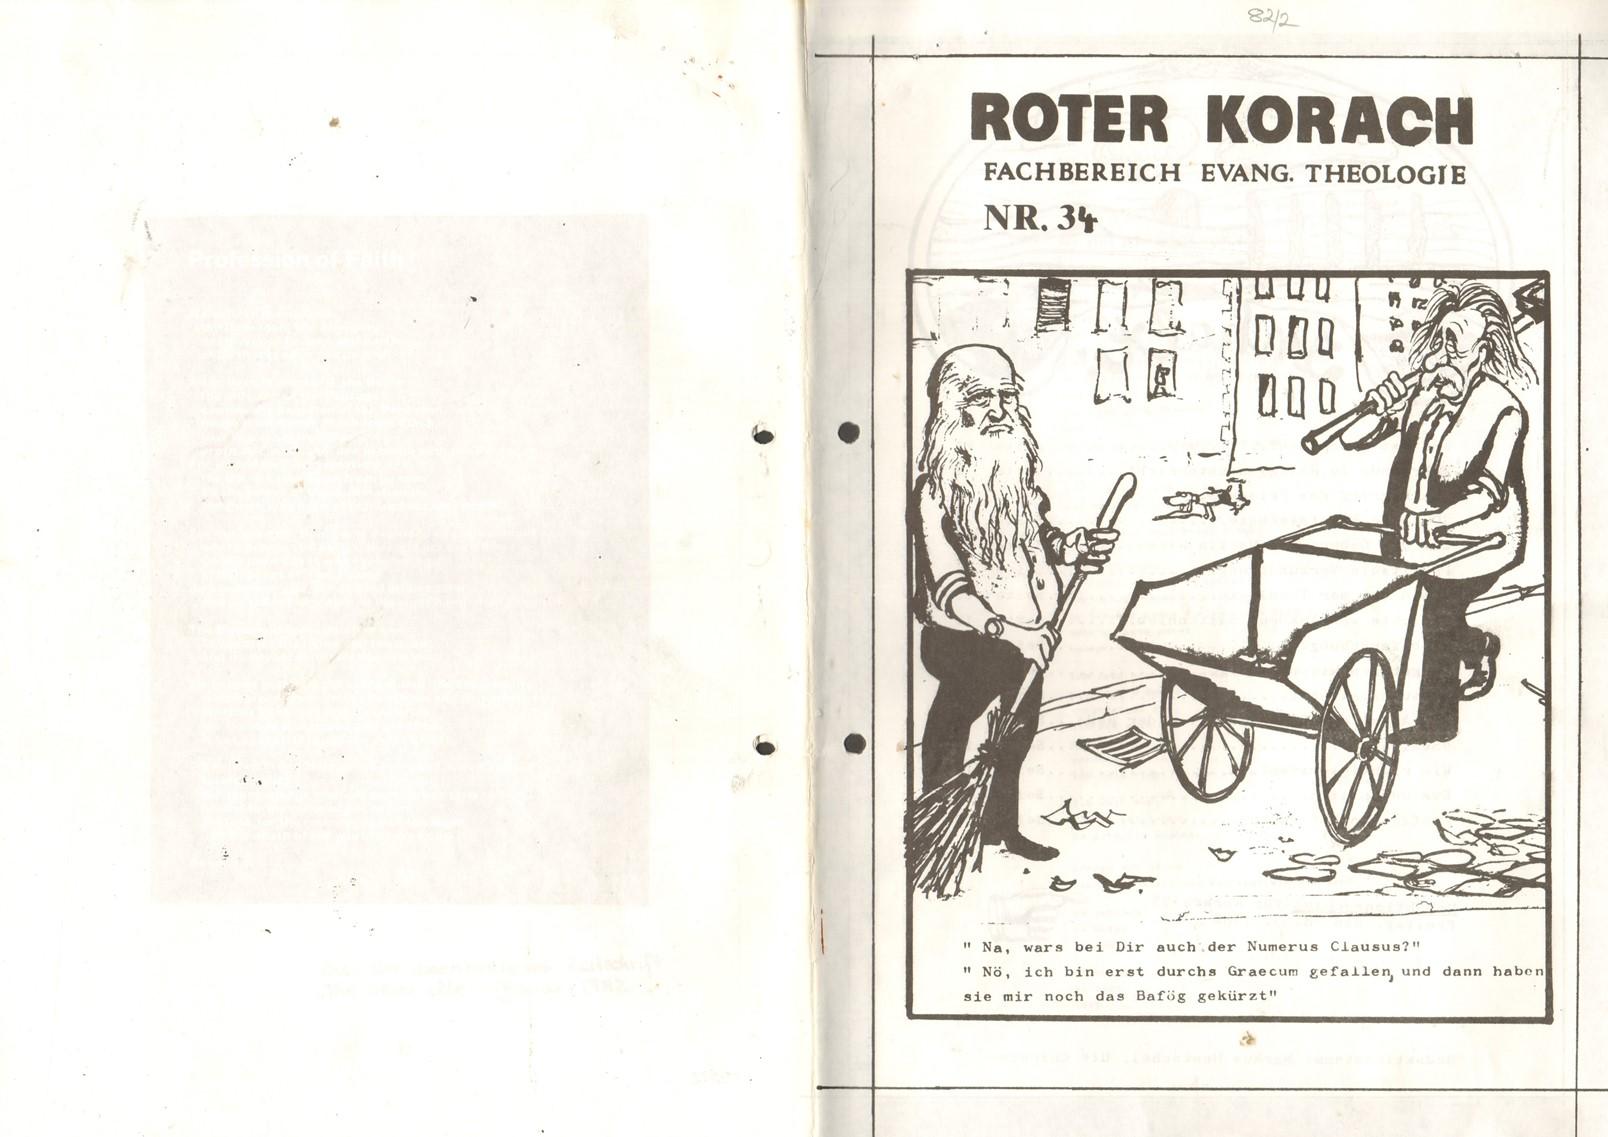 Muenster_Roter_Korach_19820200_01